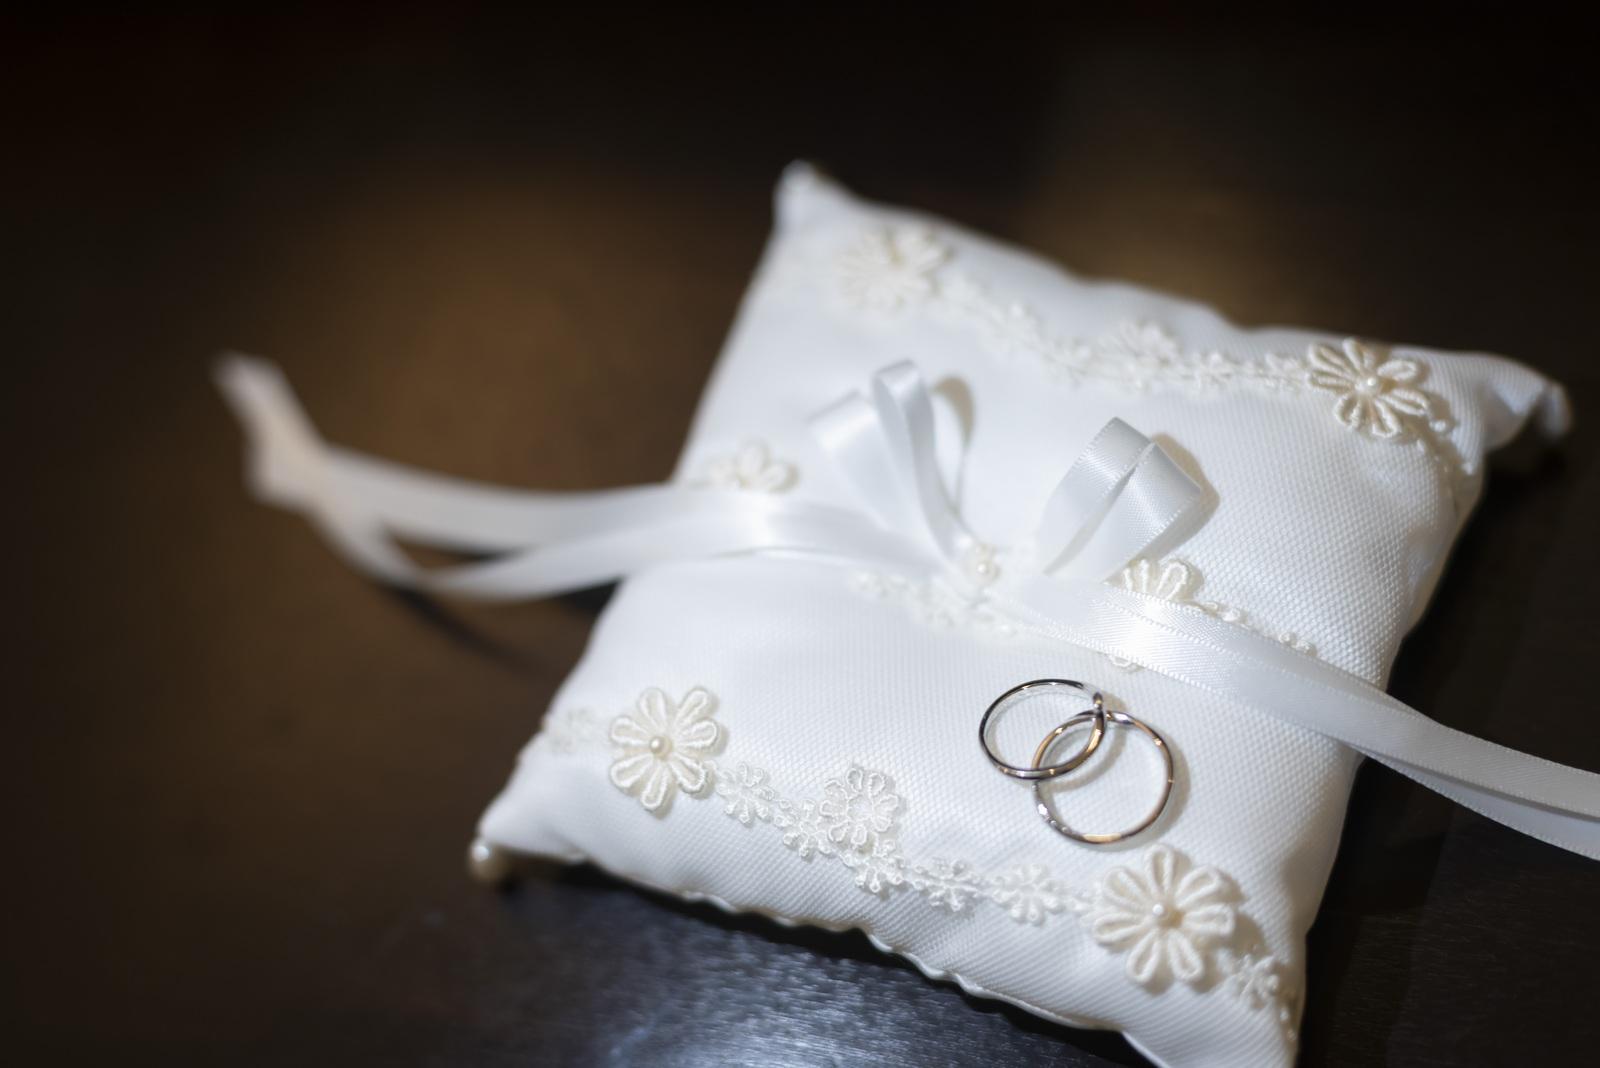 香川県の結婚式場シェルエメール&アイスタイルのリングピロー